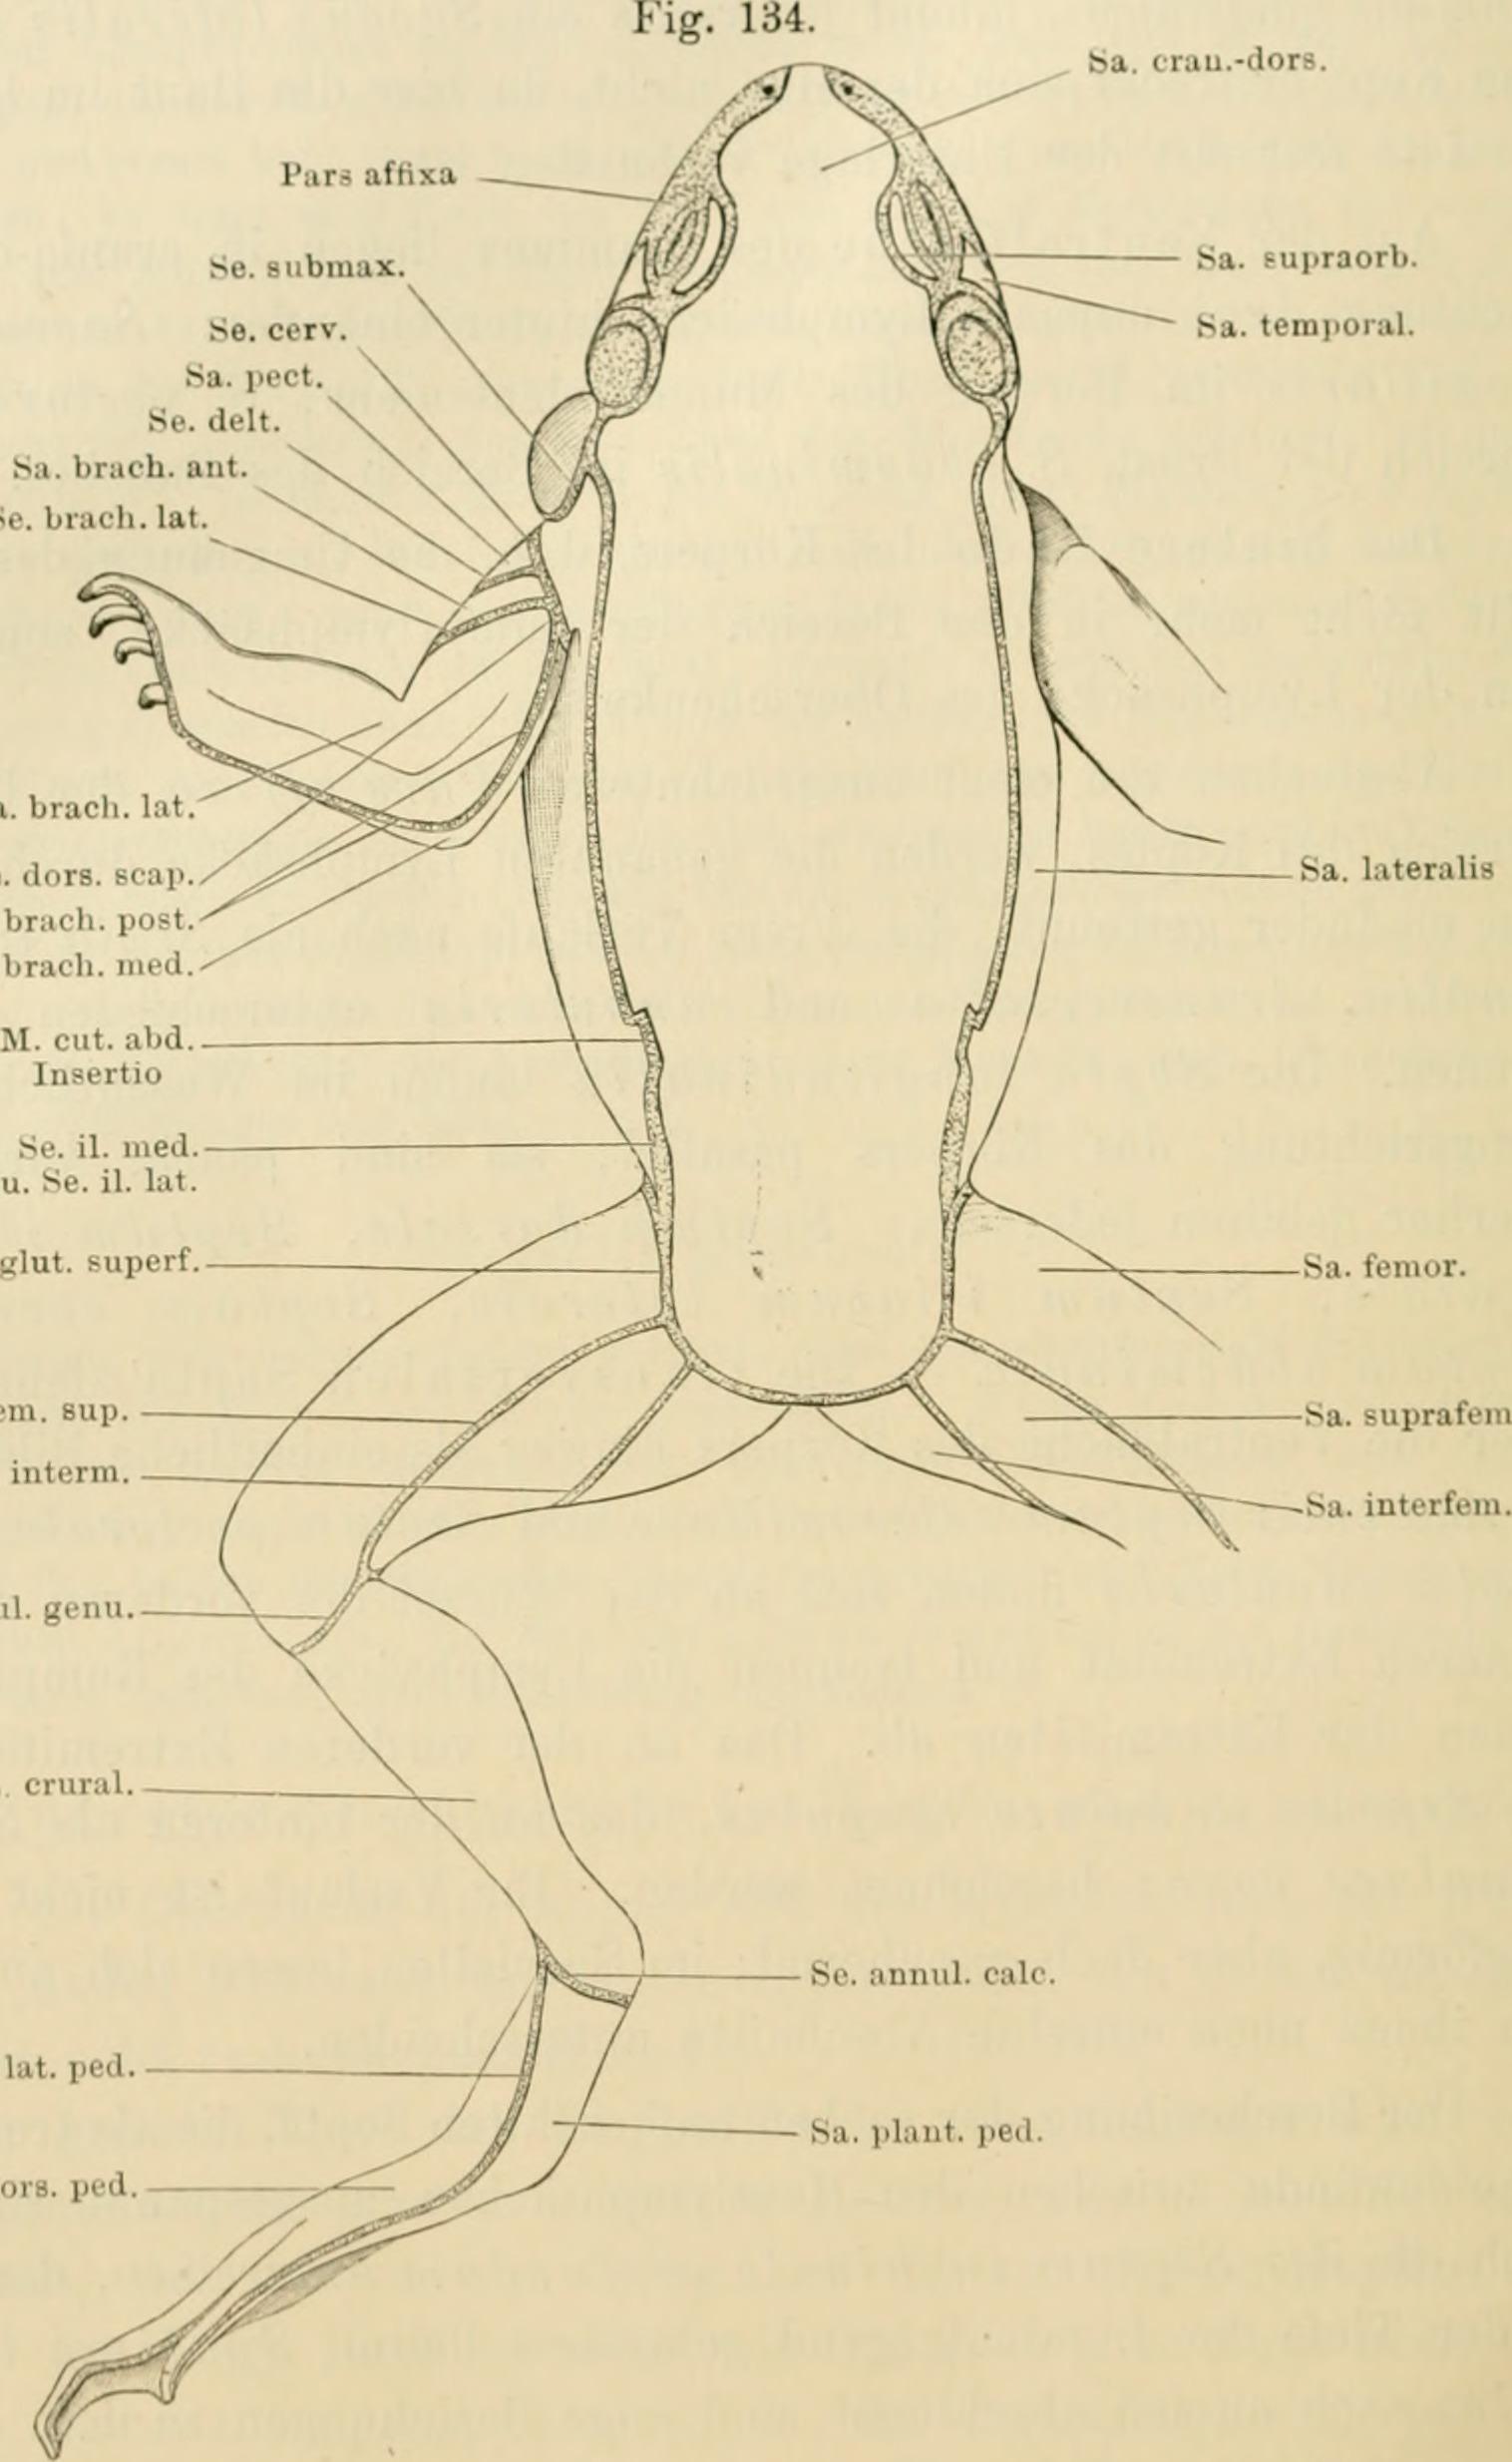 Erfreut Anatomie Eines Frosches Galerie - Anatomie Ideen - finotti.info